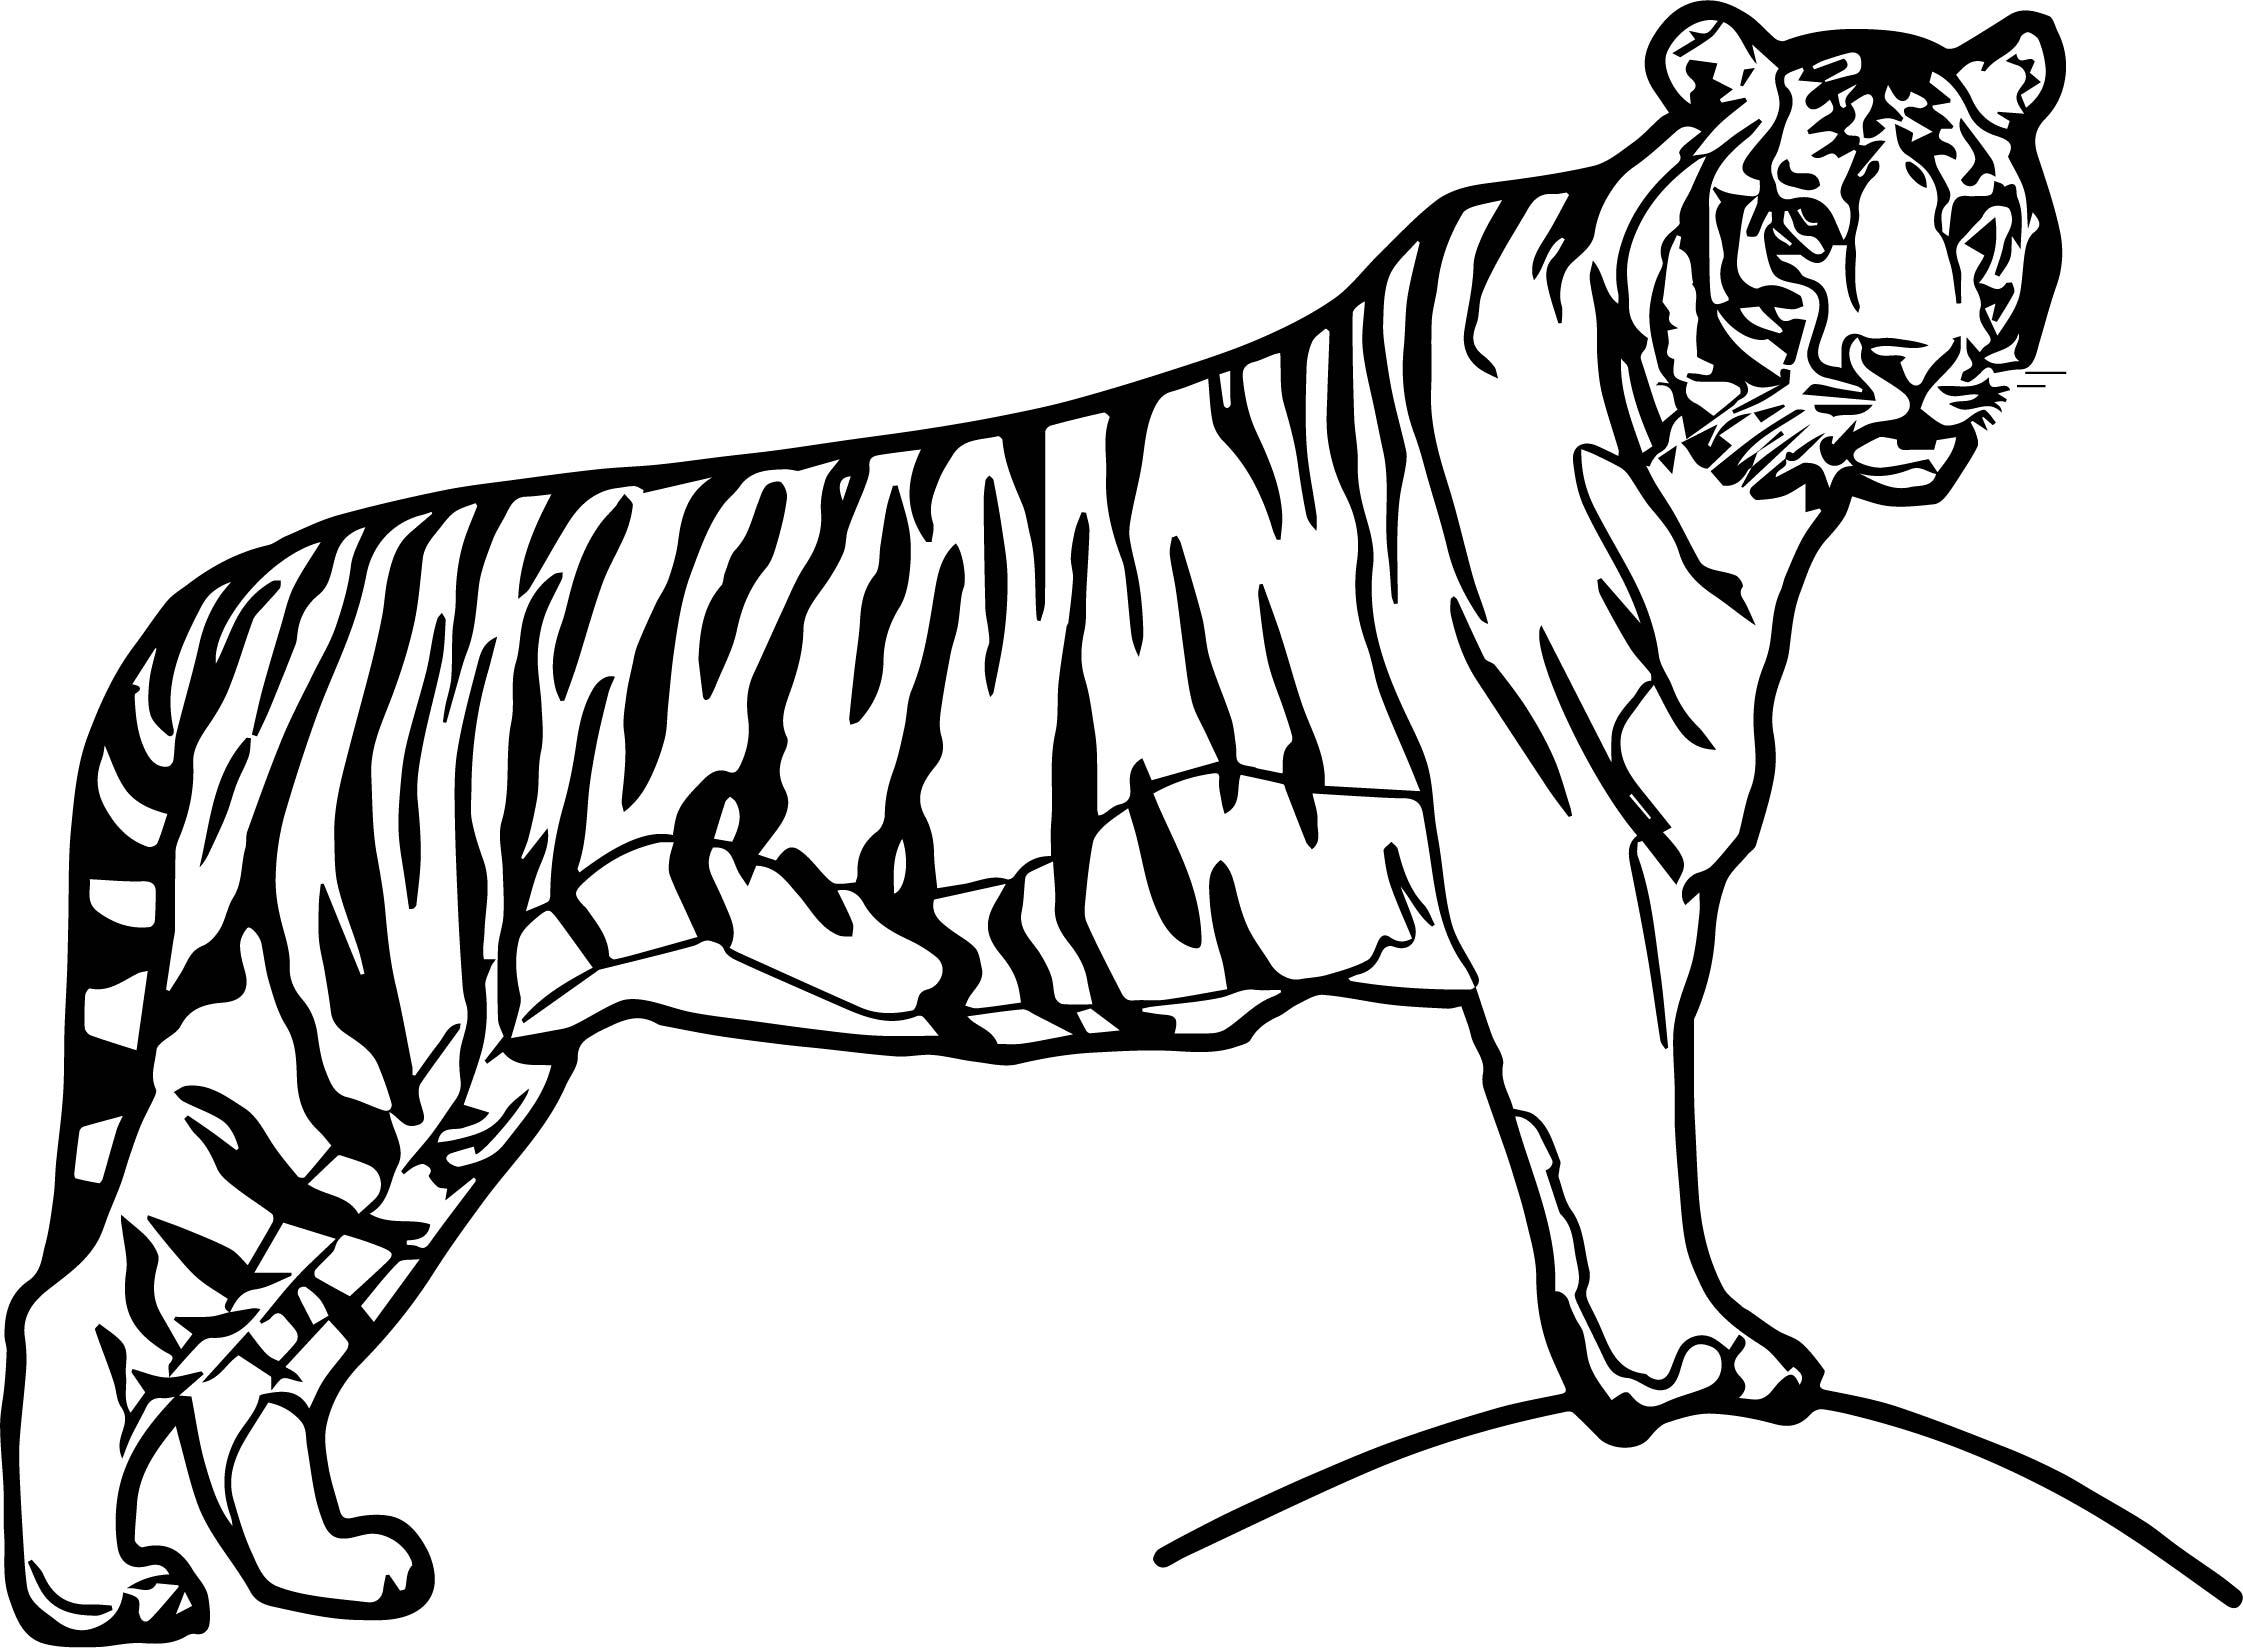 Waiting Big Tiger Coloring Page